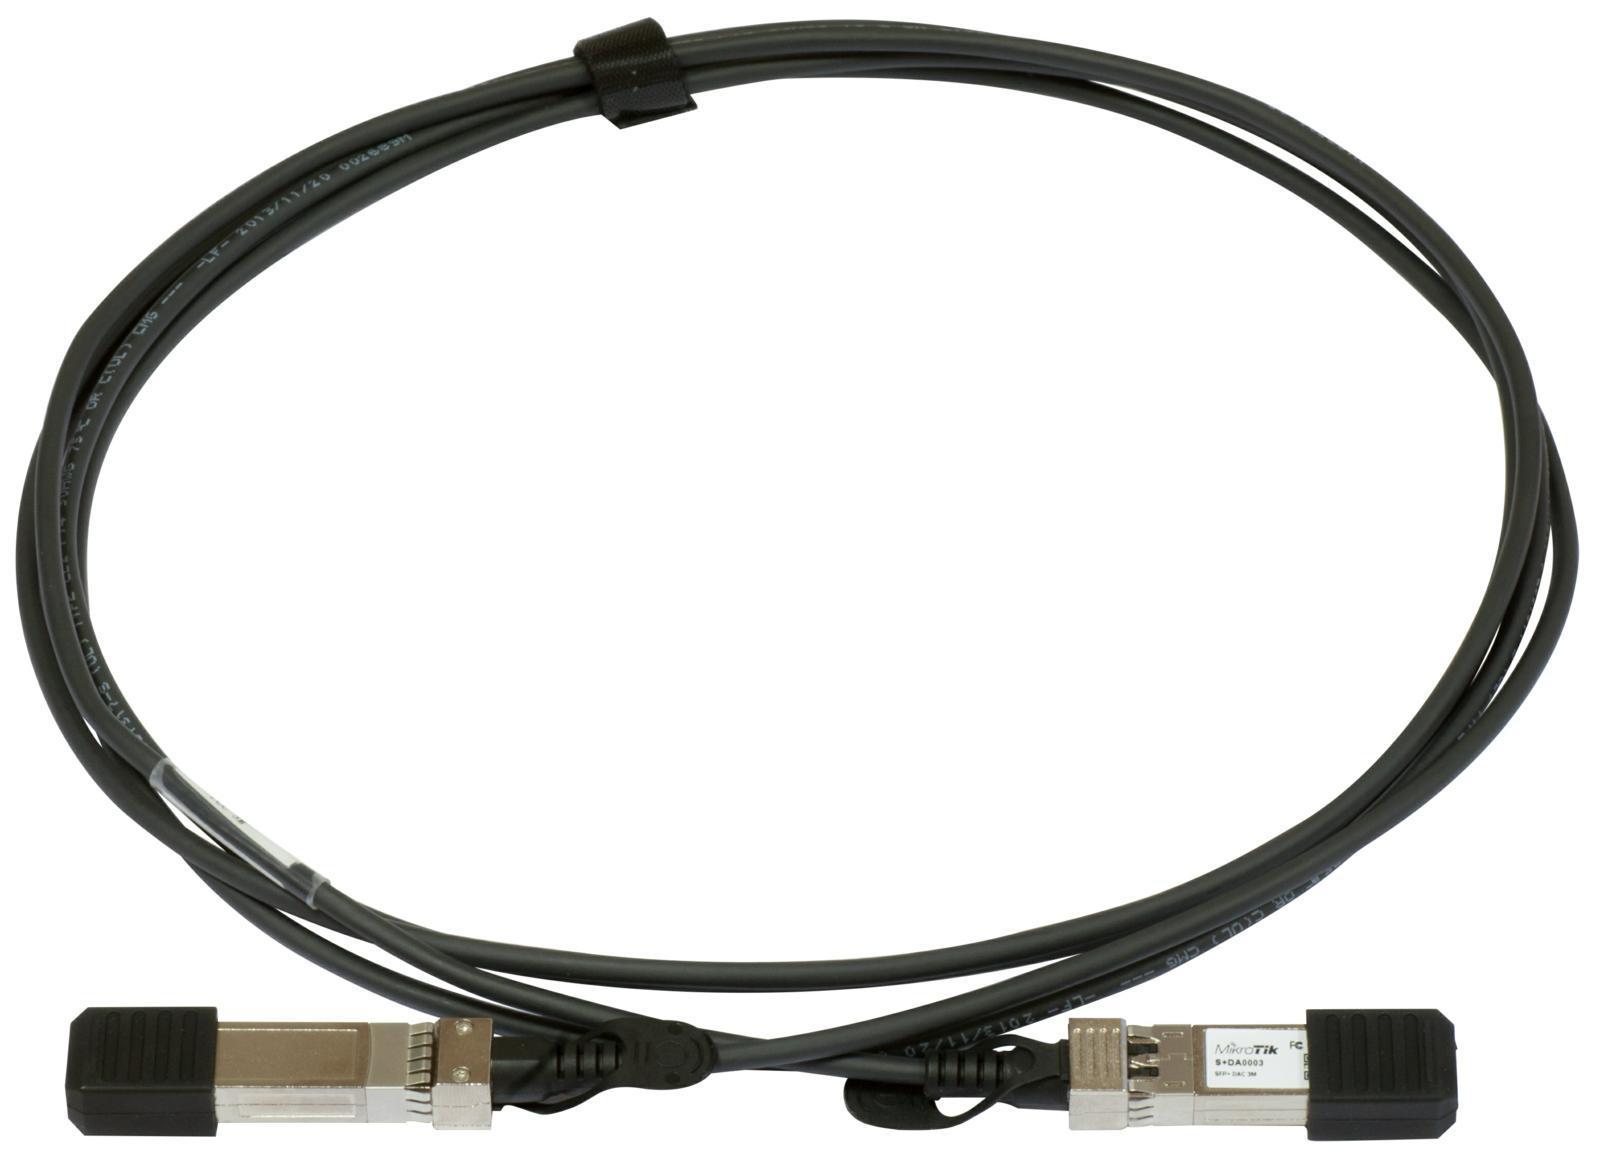 SICE Distributore Ufficiale  Interfaces MikroTik SFP+ direct attach cable, 1m | S+DA0001